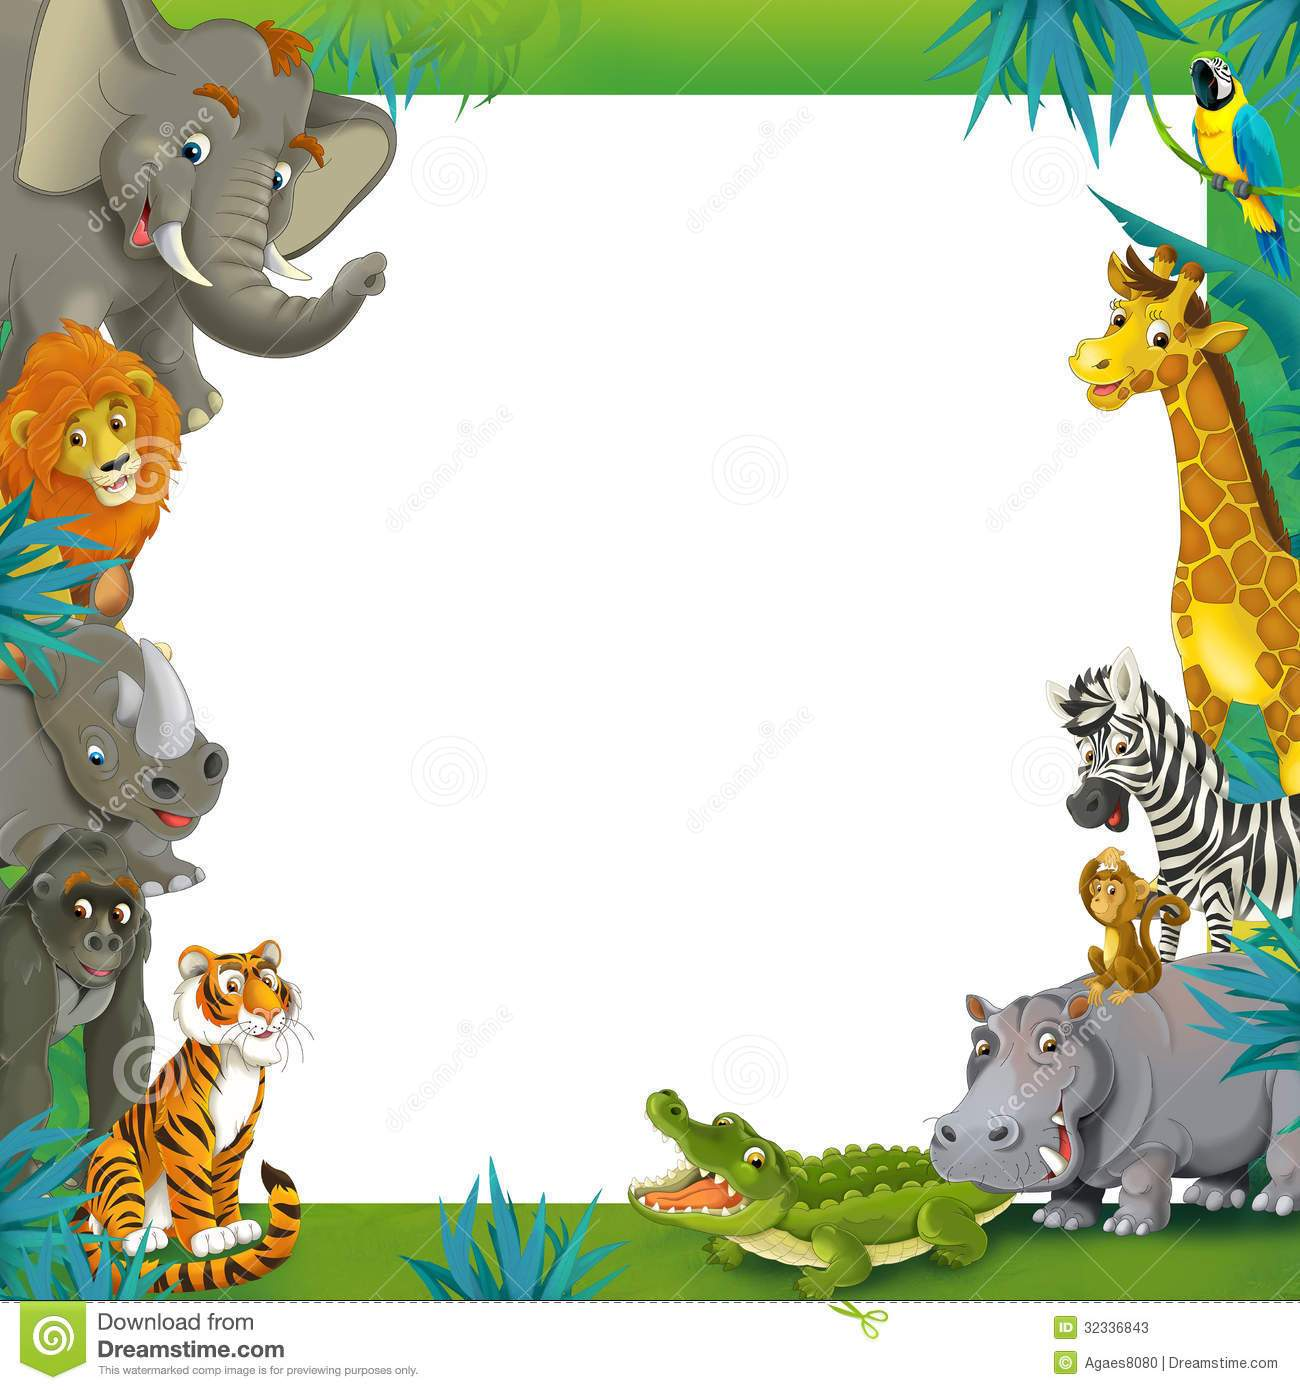 Jungle safari clipart free 2 » Clipart Portal.